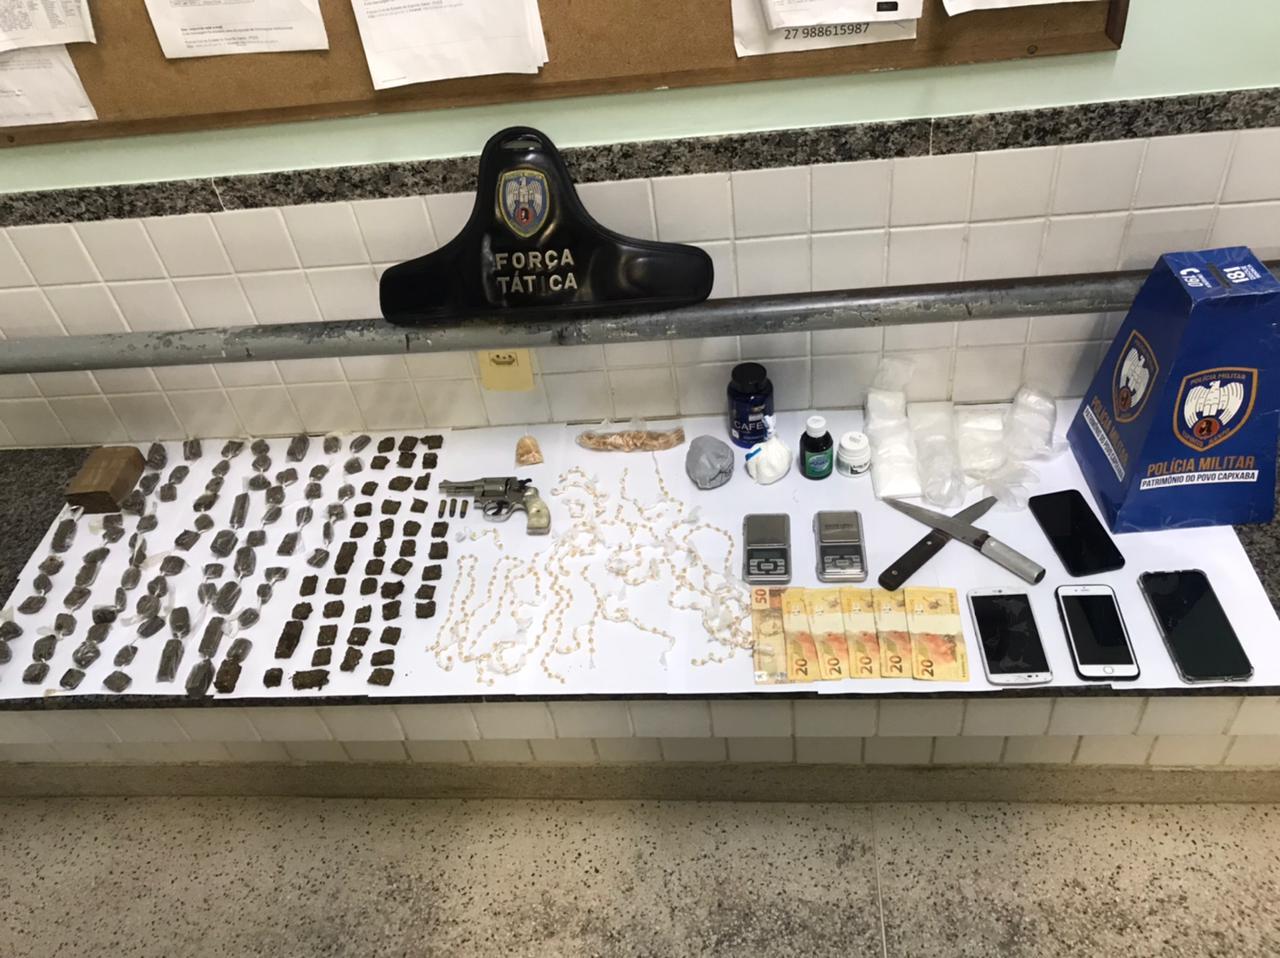 10ª CIA IND REALIZA APREENDE DROGAS, ARMA E PESSOAS COM MANDADO DE PRISÃO EM ABERTO